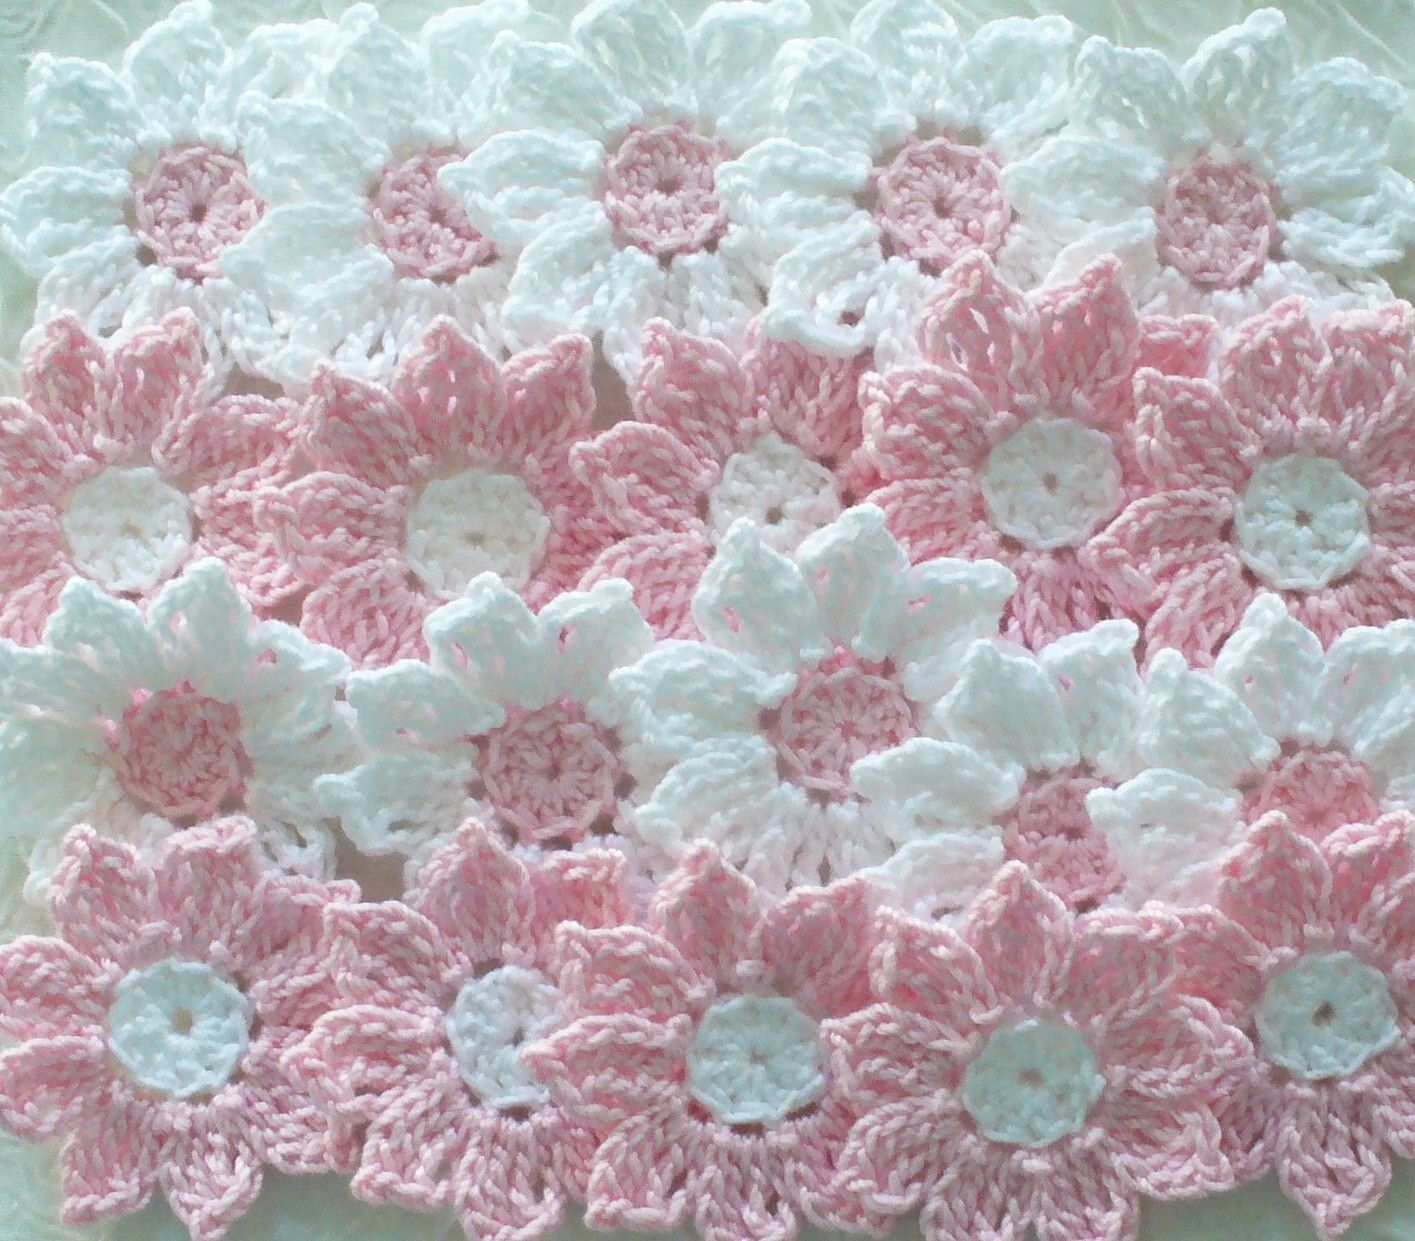 Pink and white crochet daisy flowers crochet flowers hearts pink and white crochet daisy flowers izmirmasajfo